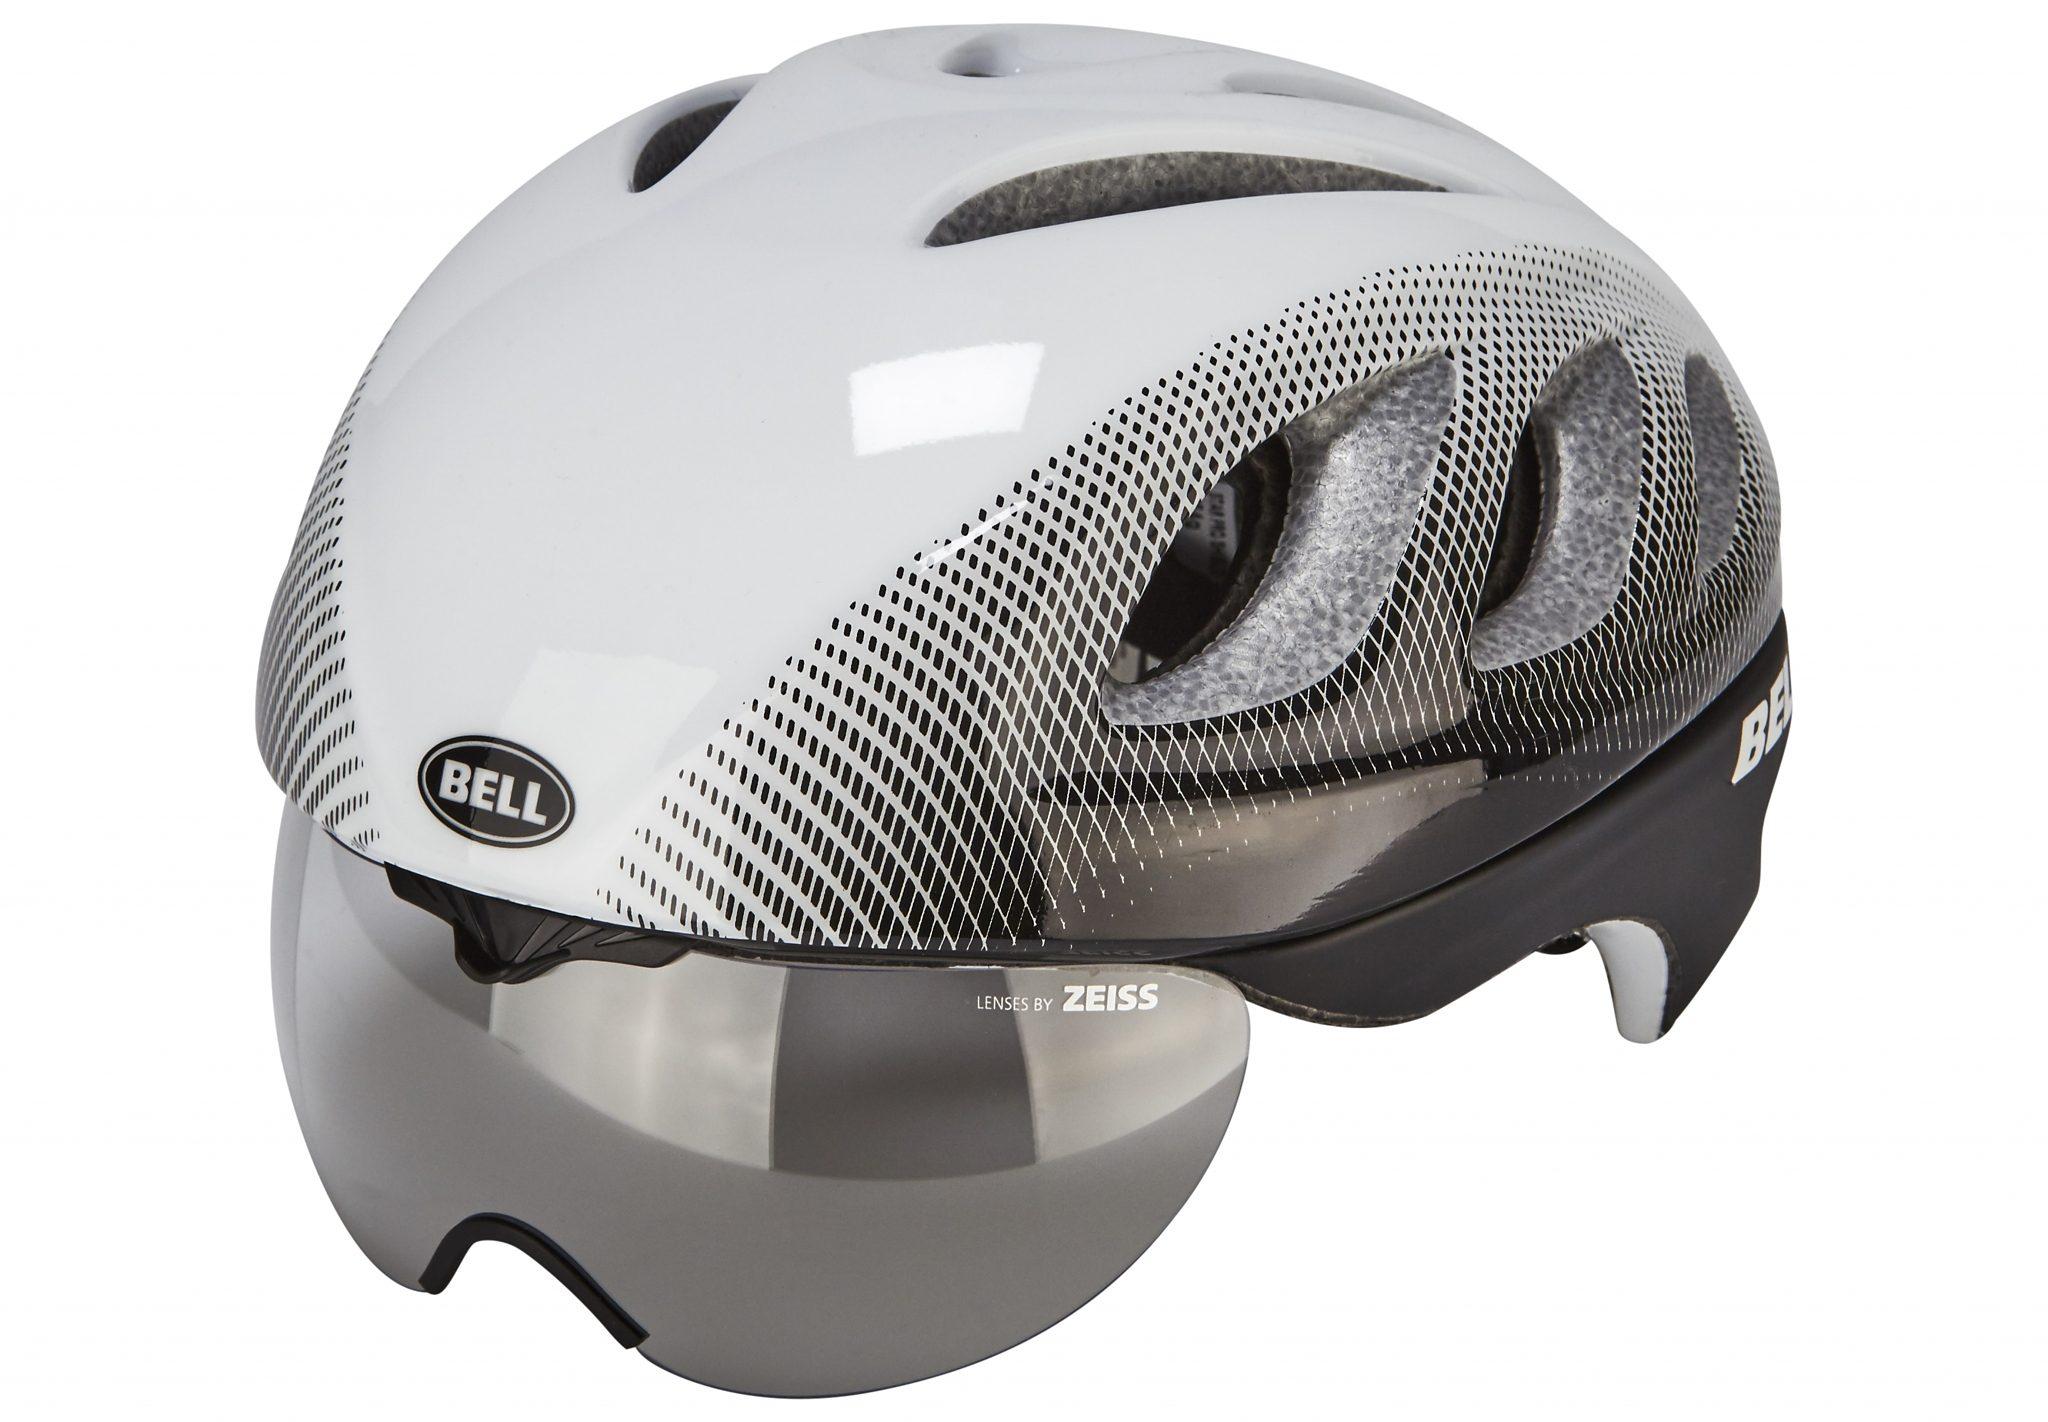 Bell Fahrradhelm »Star Pro Transitions Helmet«